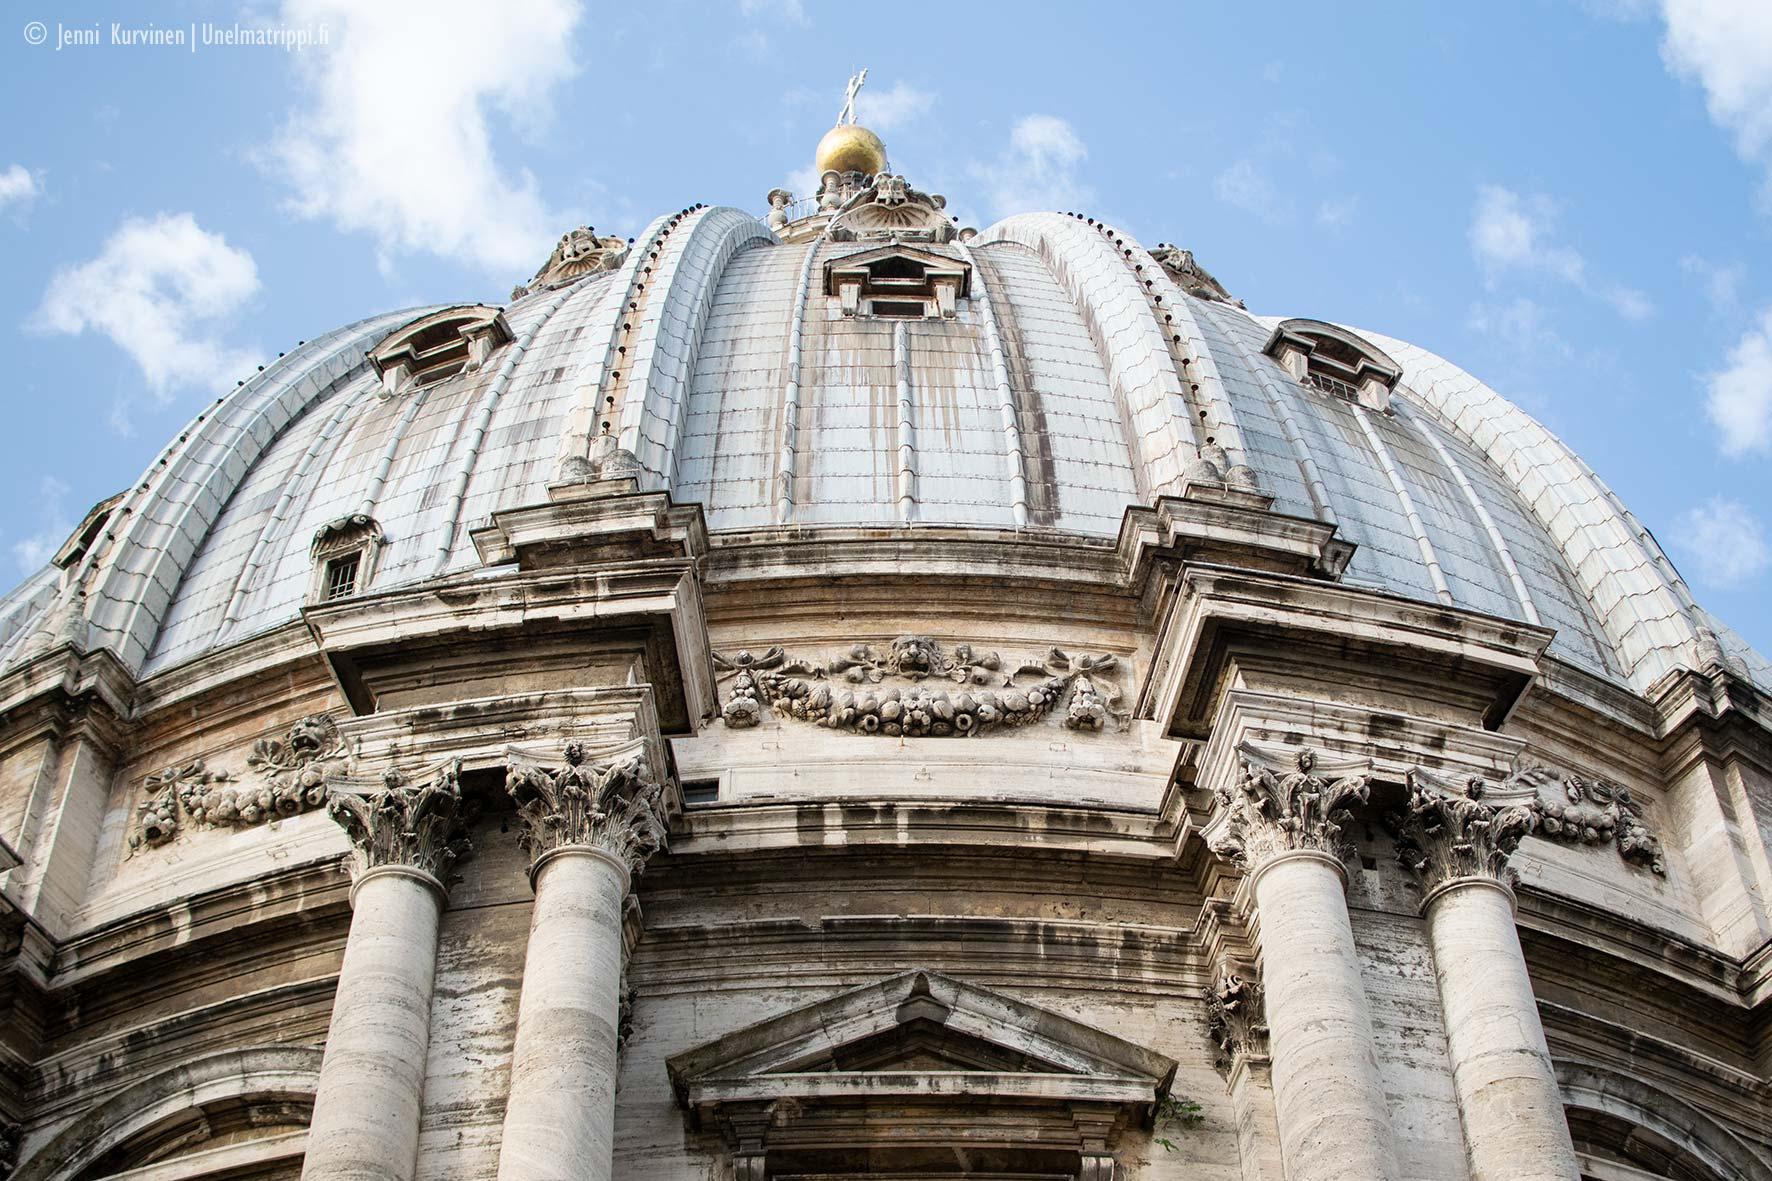 20180826-Unelmatrippi-Vatikaani-DSC0134